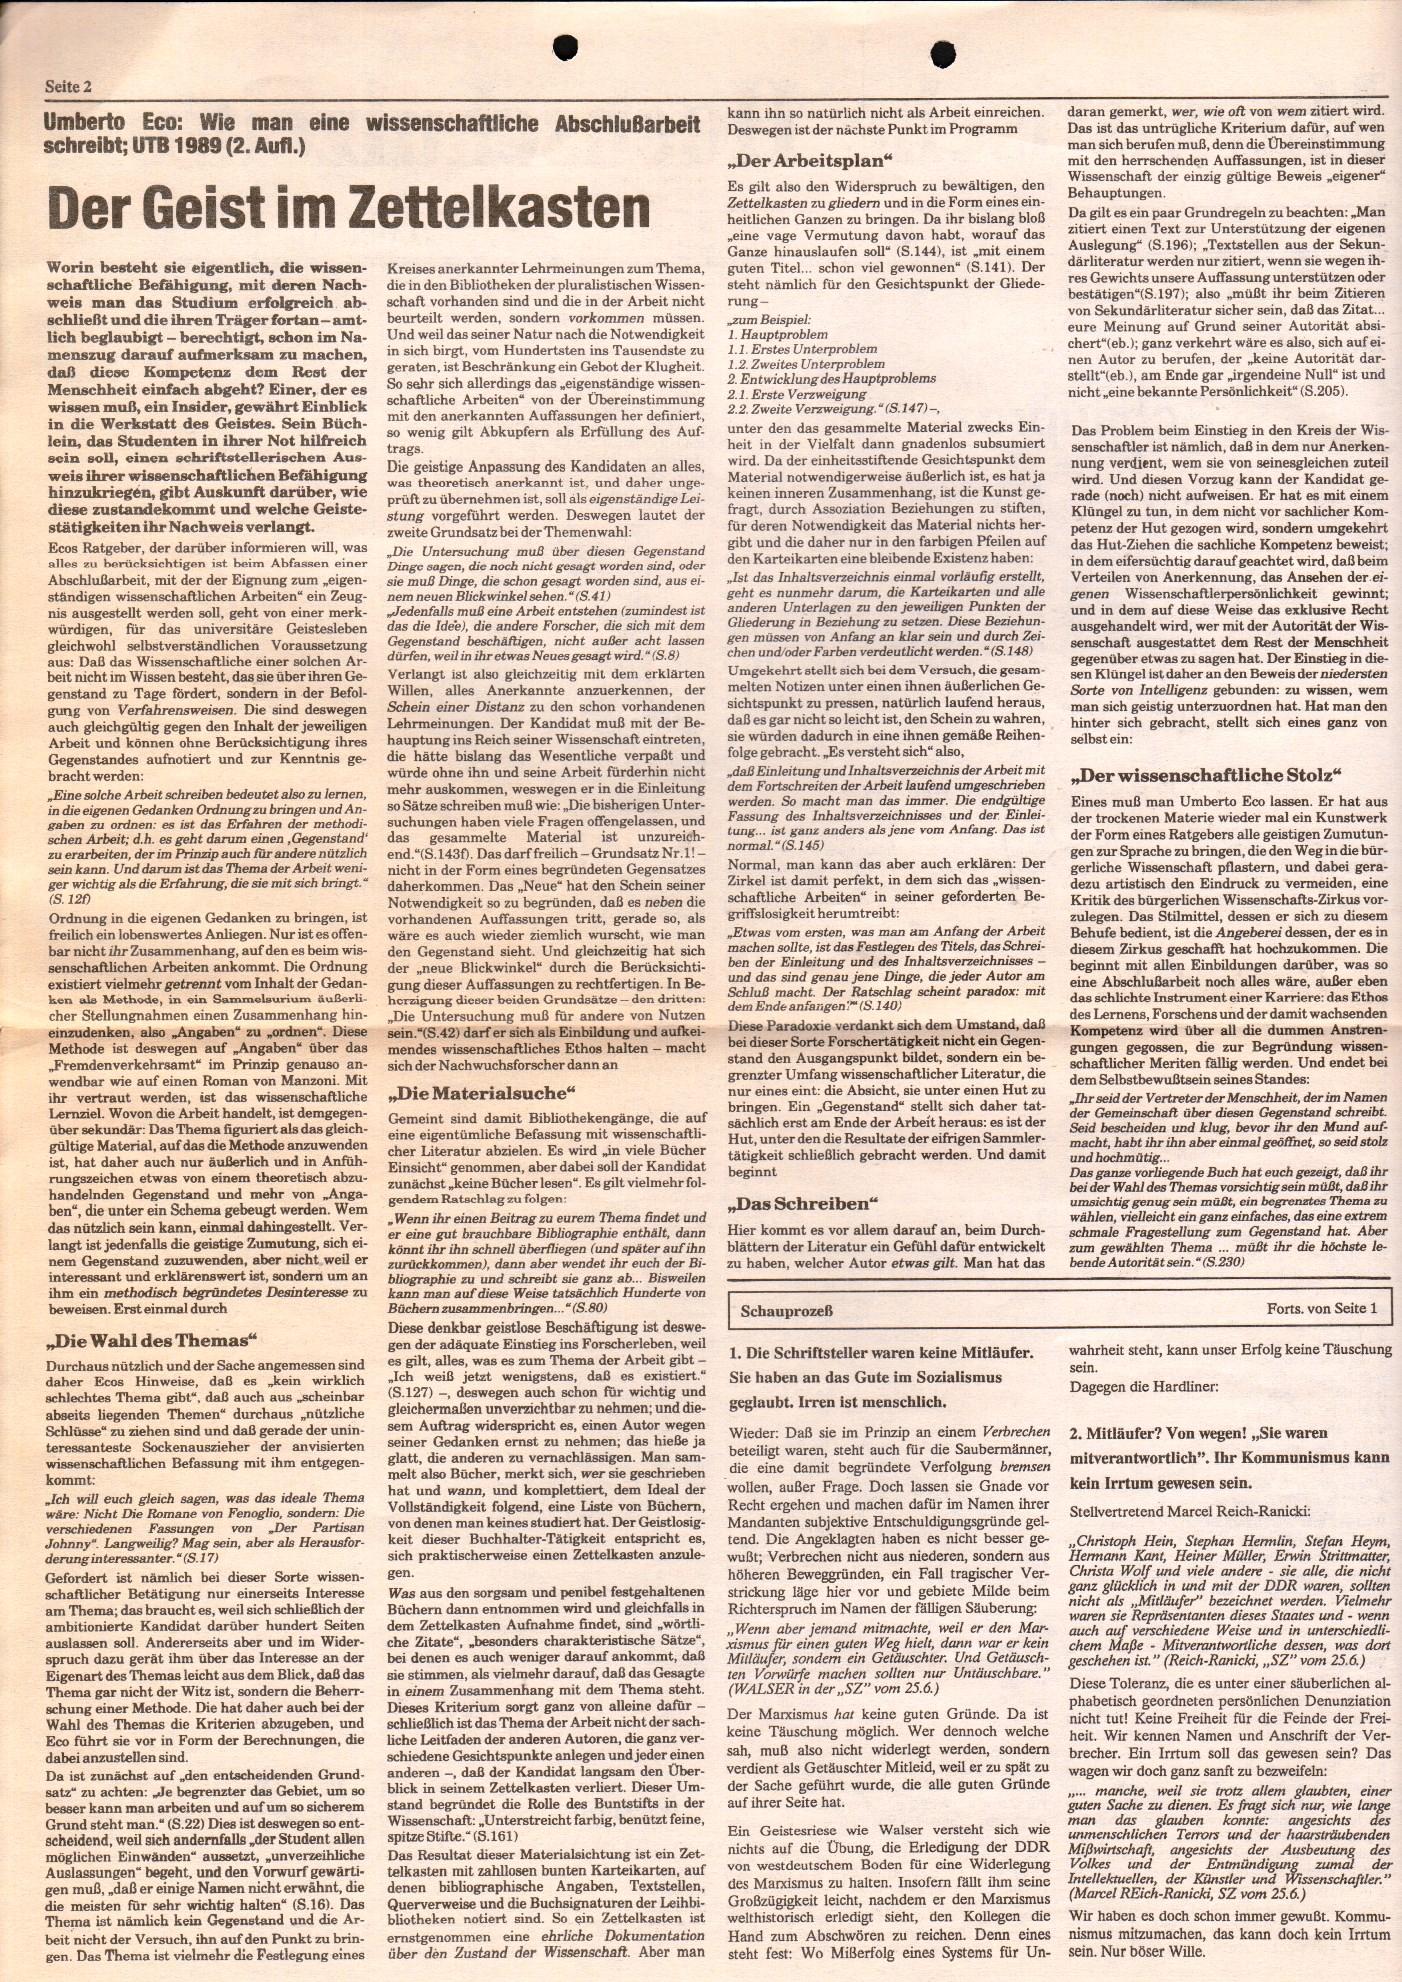 Ruhrgebiet_MG_Marxistische_Hochschulzeitung_19901200_02